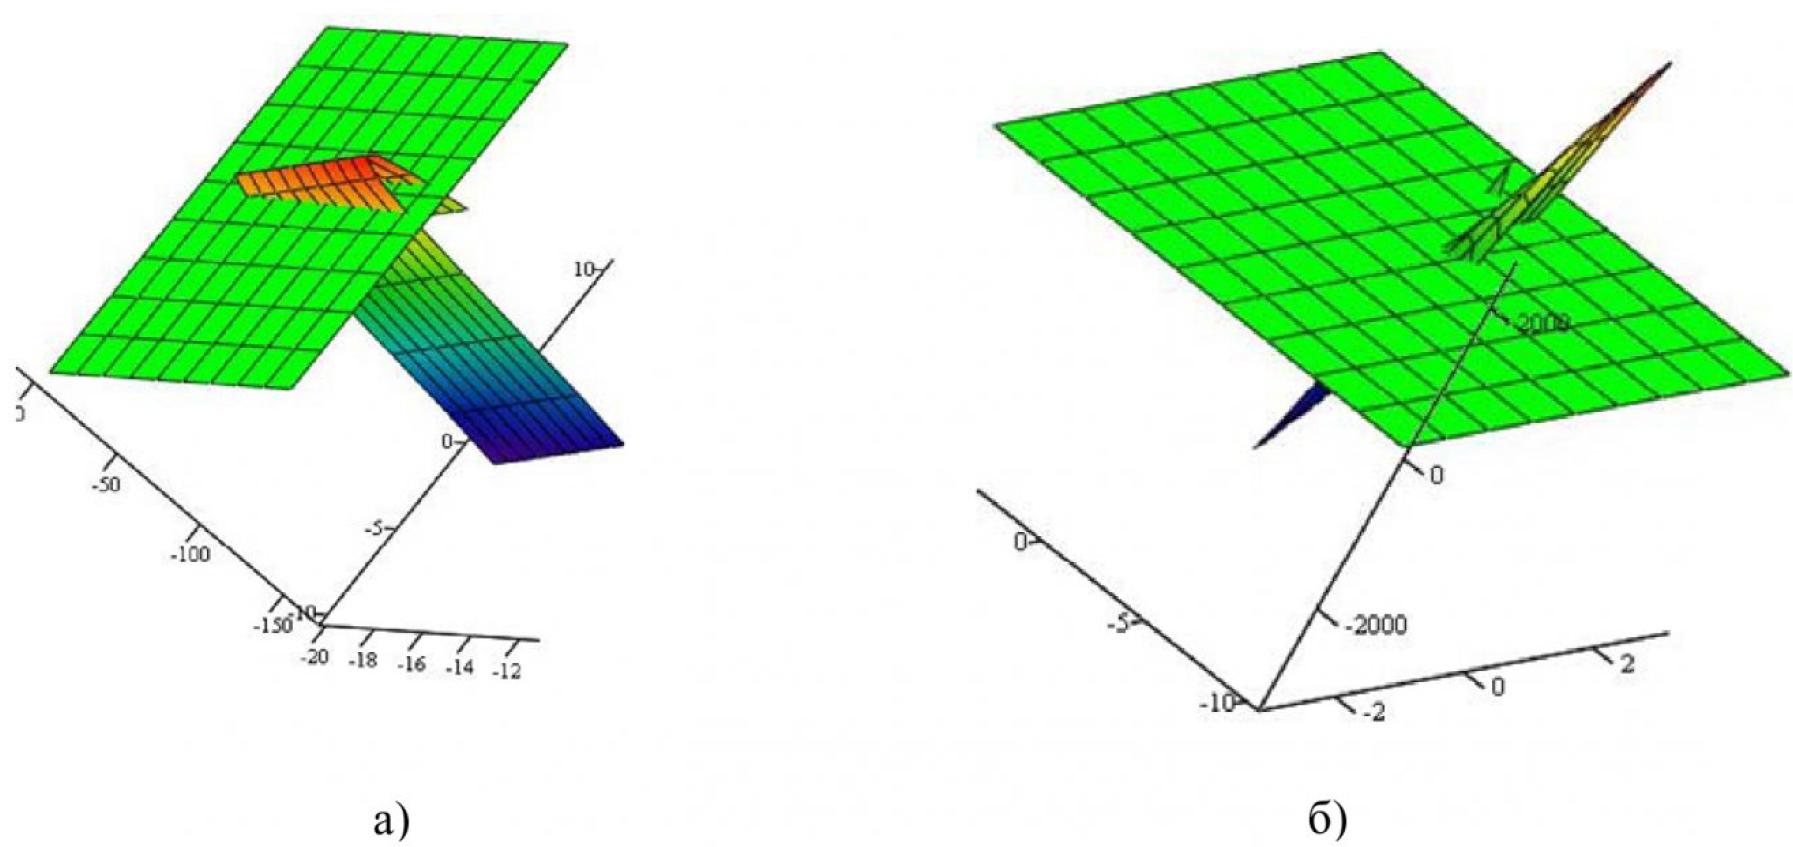 Рисунок 7 – Модели поверхностей, заданных уравнением (4), и их линии нулевого уровня, как графики решения уравнения связи параметров t и ϕ